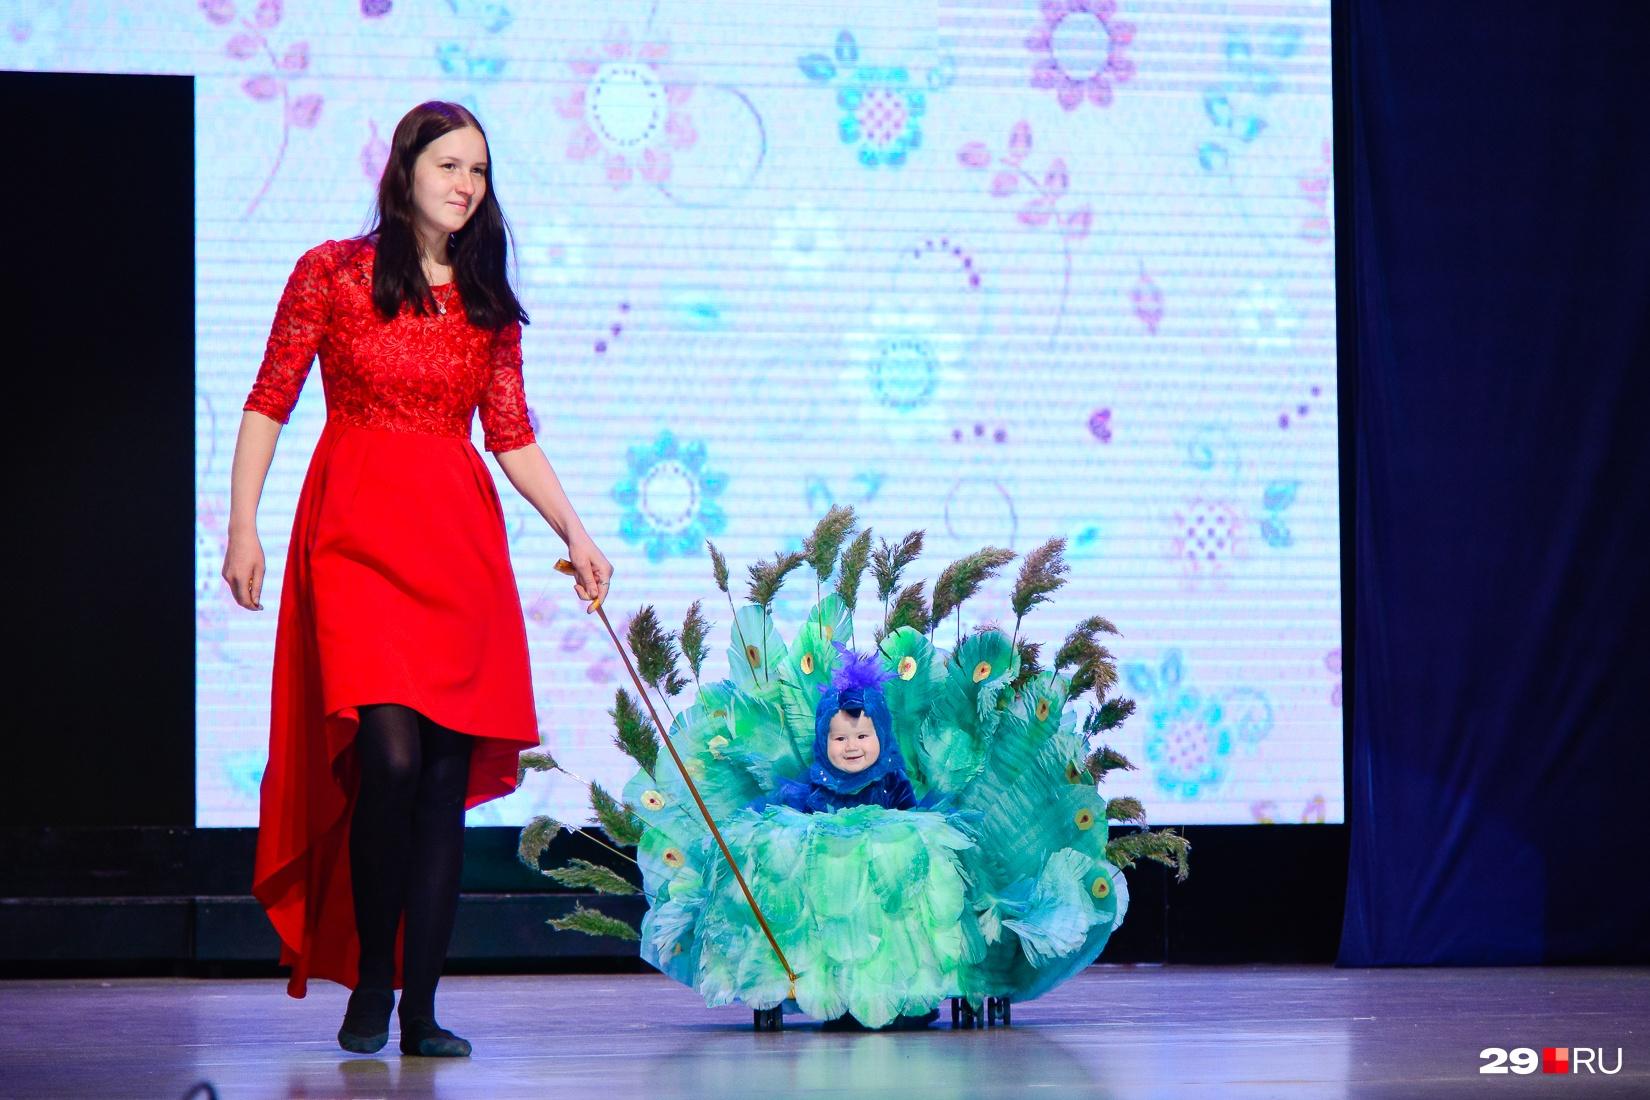 Пожалуй, это самый милый костюм на конкурсе. Невозможно не улыбнуться в ответ такому павлину